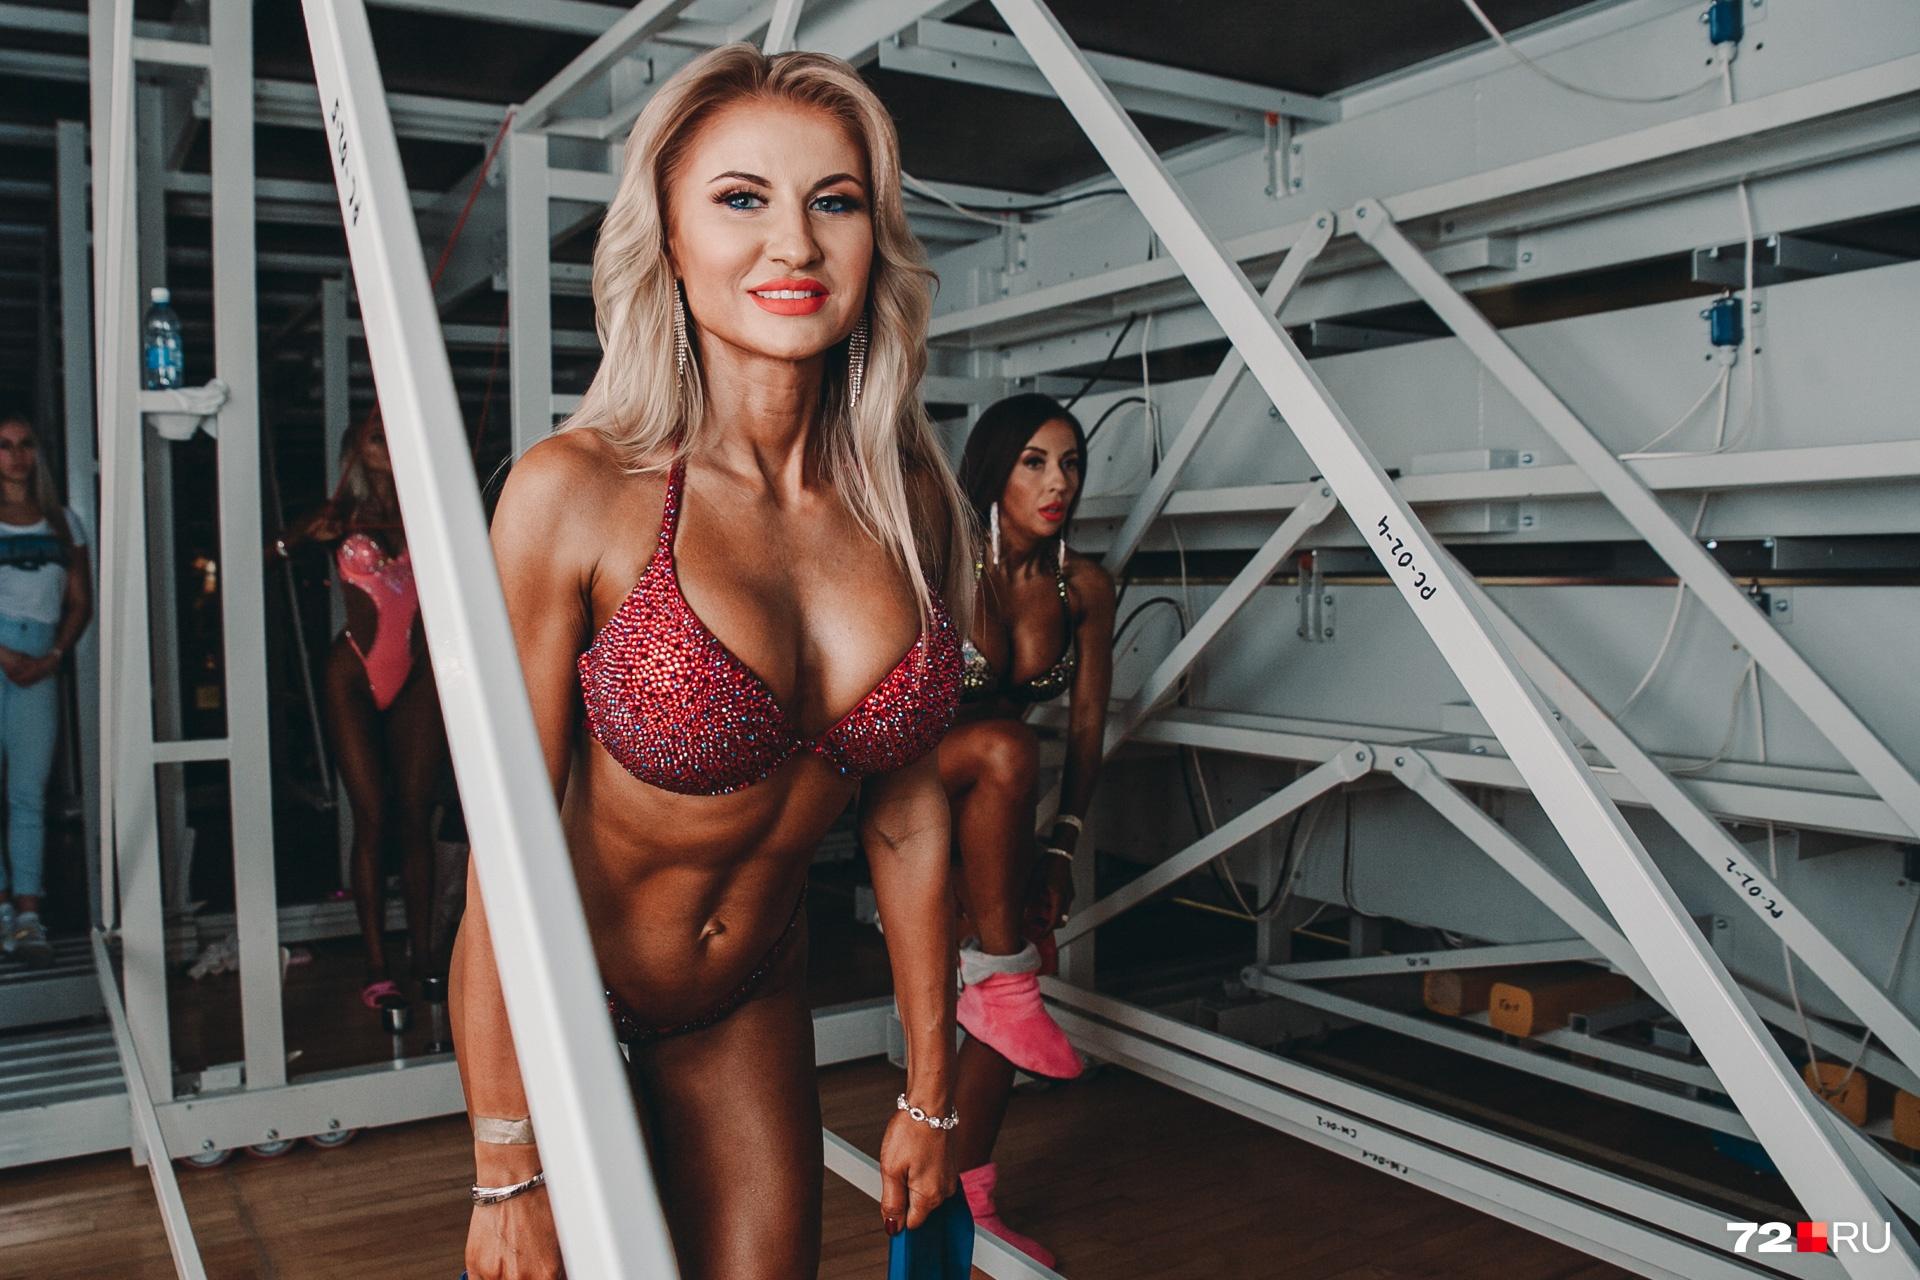 Анна Прохорова приехала из Нового Уренгоя. Выступает на соревнованиях всего третий сезон, но в себе девушка уверена на все 100%